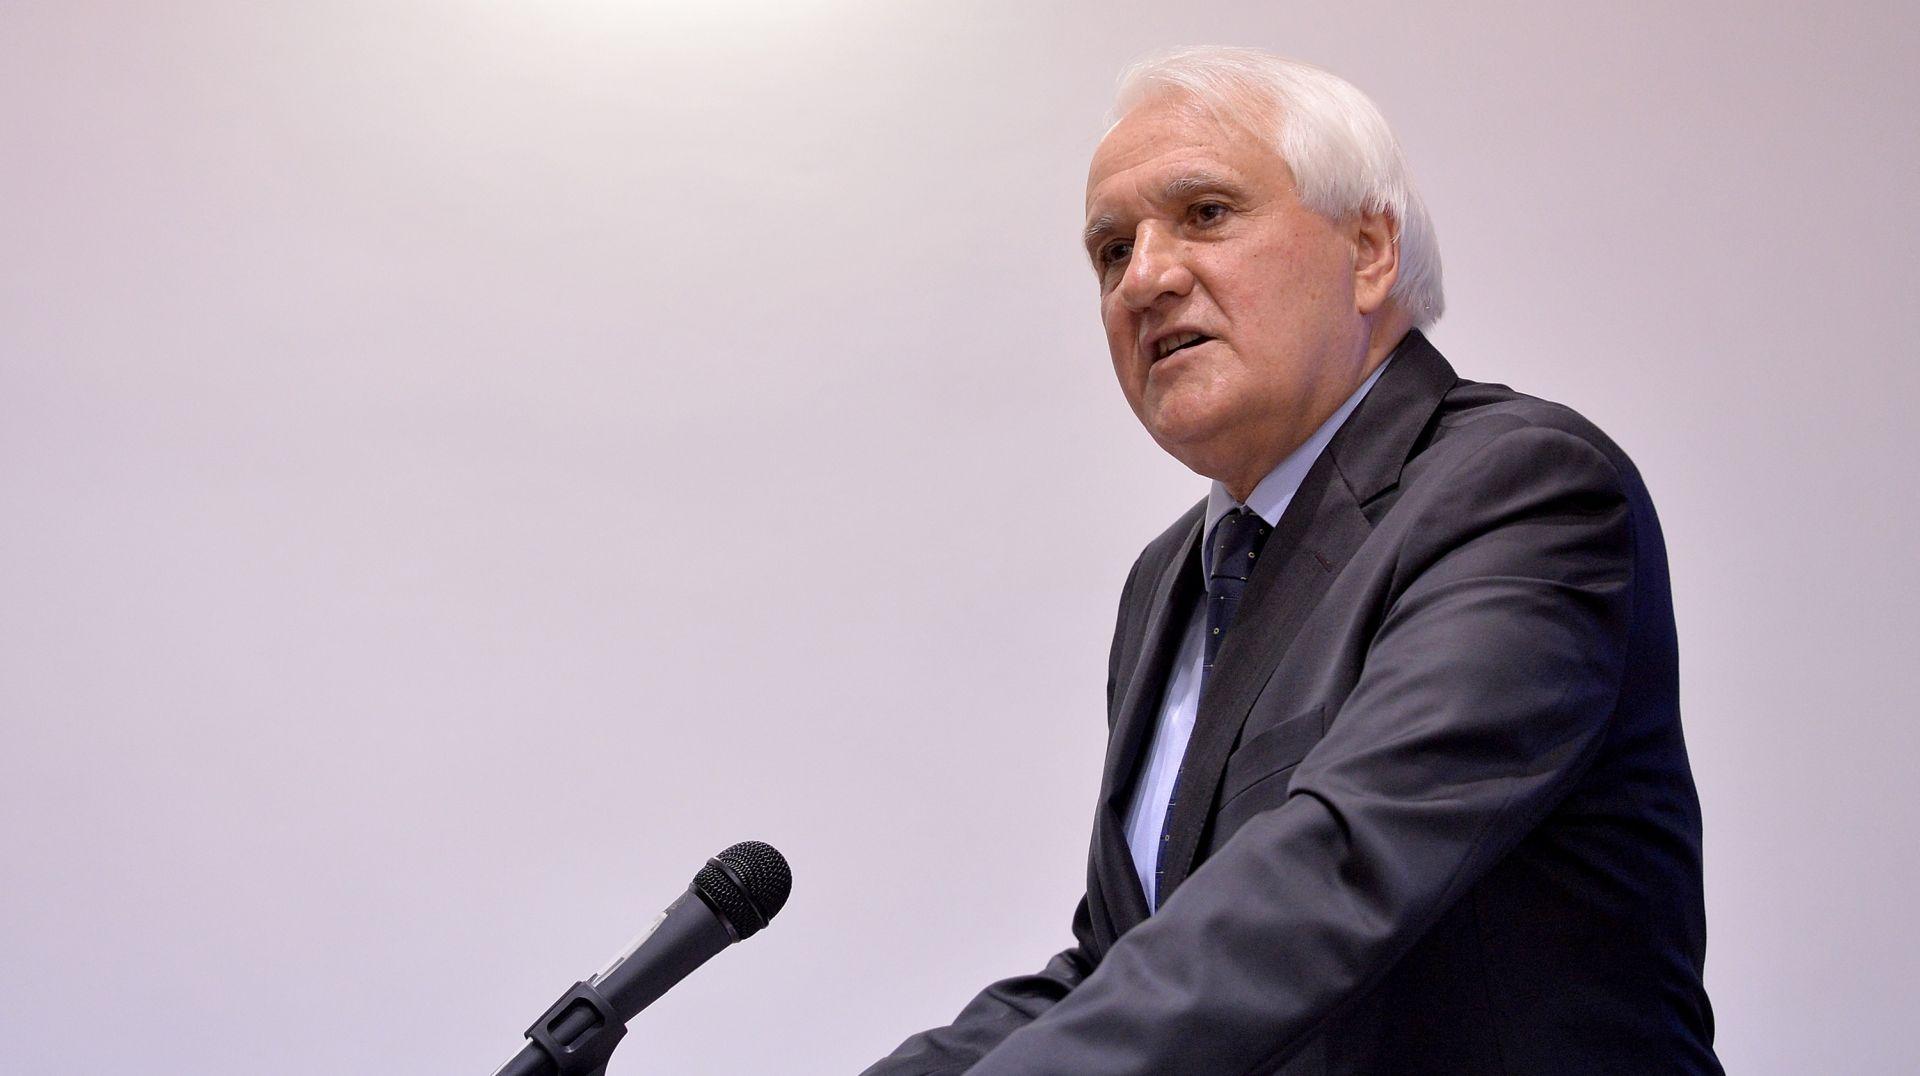 Studentski zbor FF-a: Dekan Previšić nije dopustio da se glasuje o njegovu razrješenju